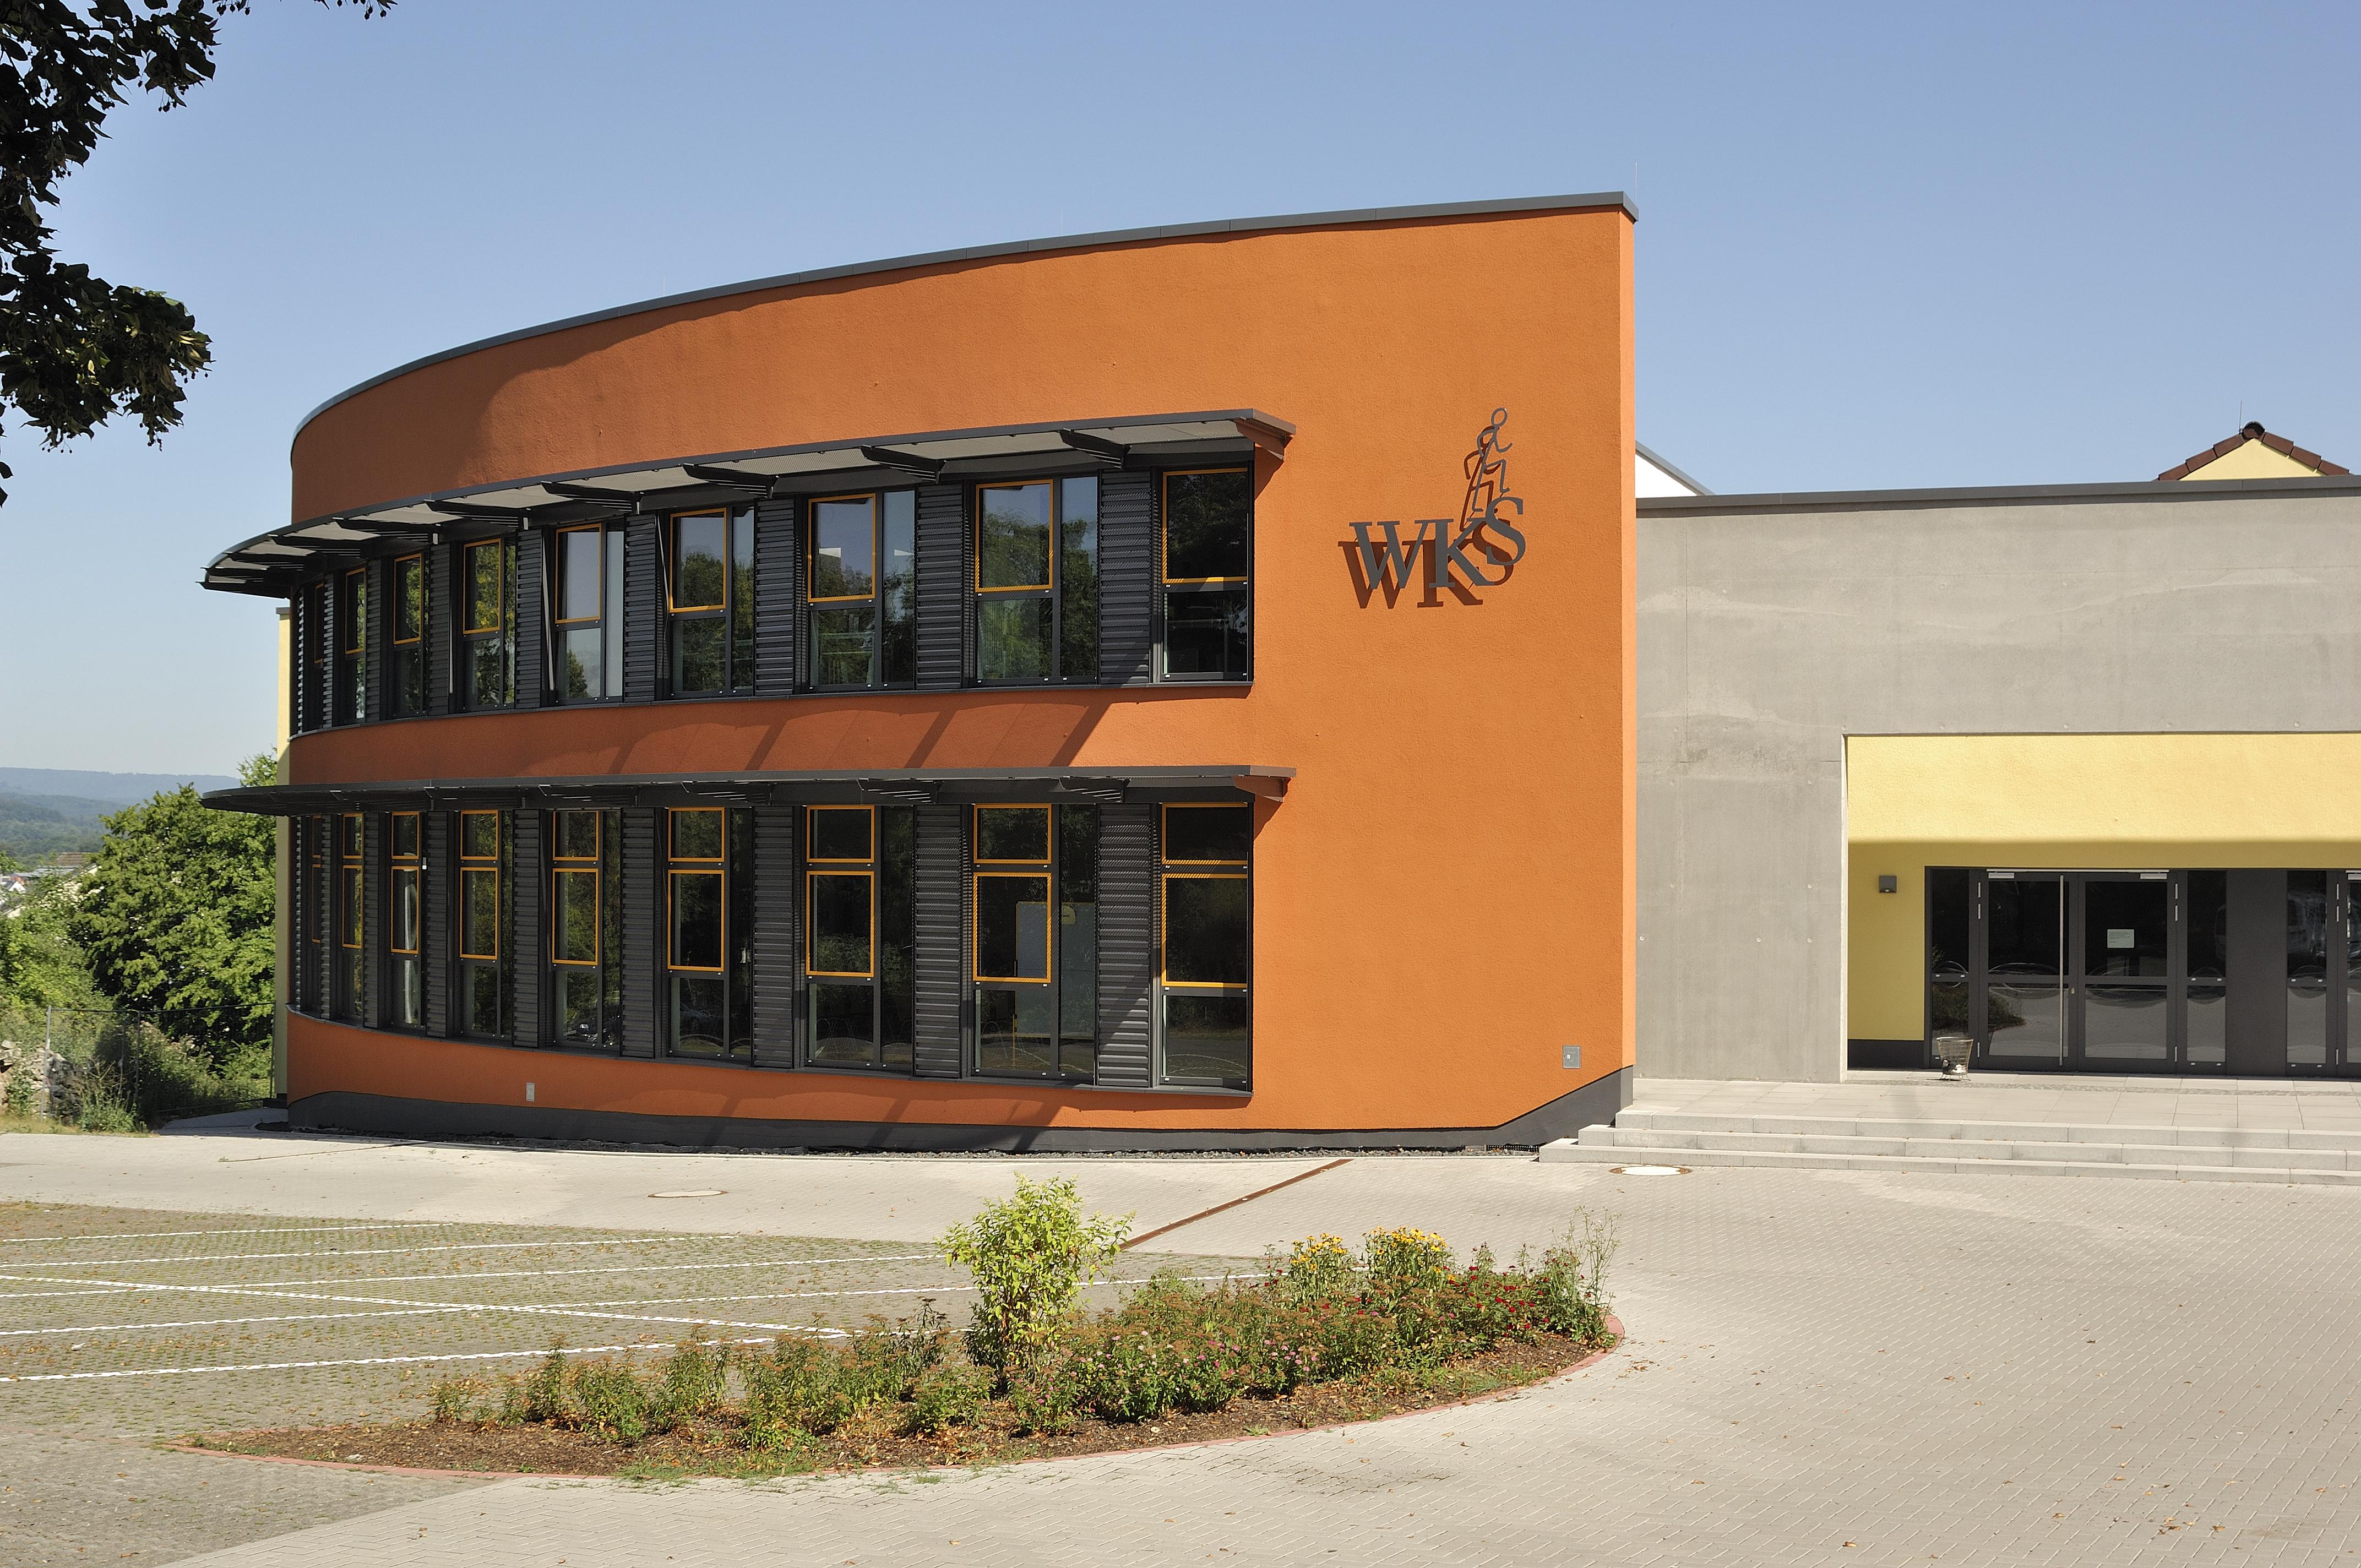 Umbau, Sanierung und Erweiterung der W.-Knapp-Schule, Weilburg